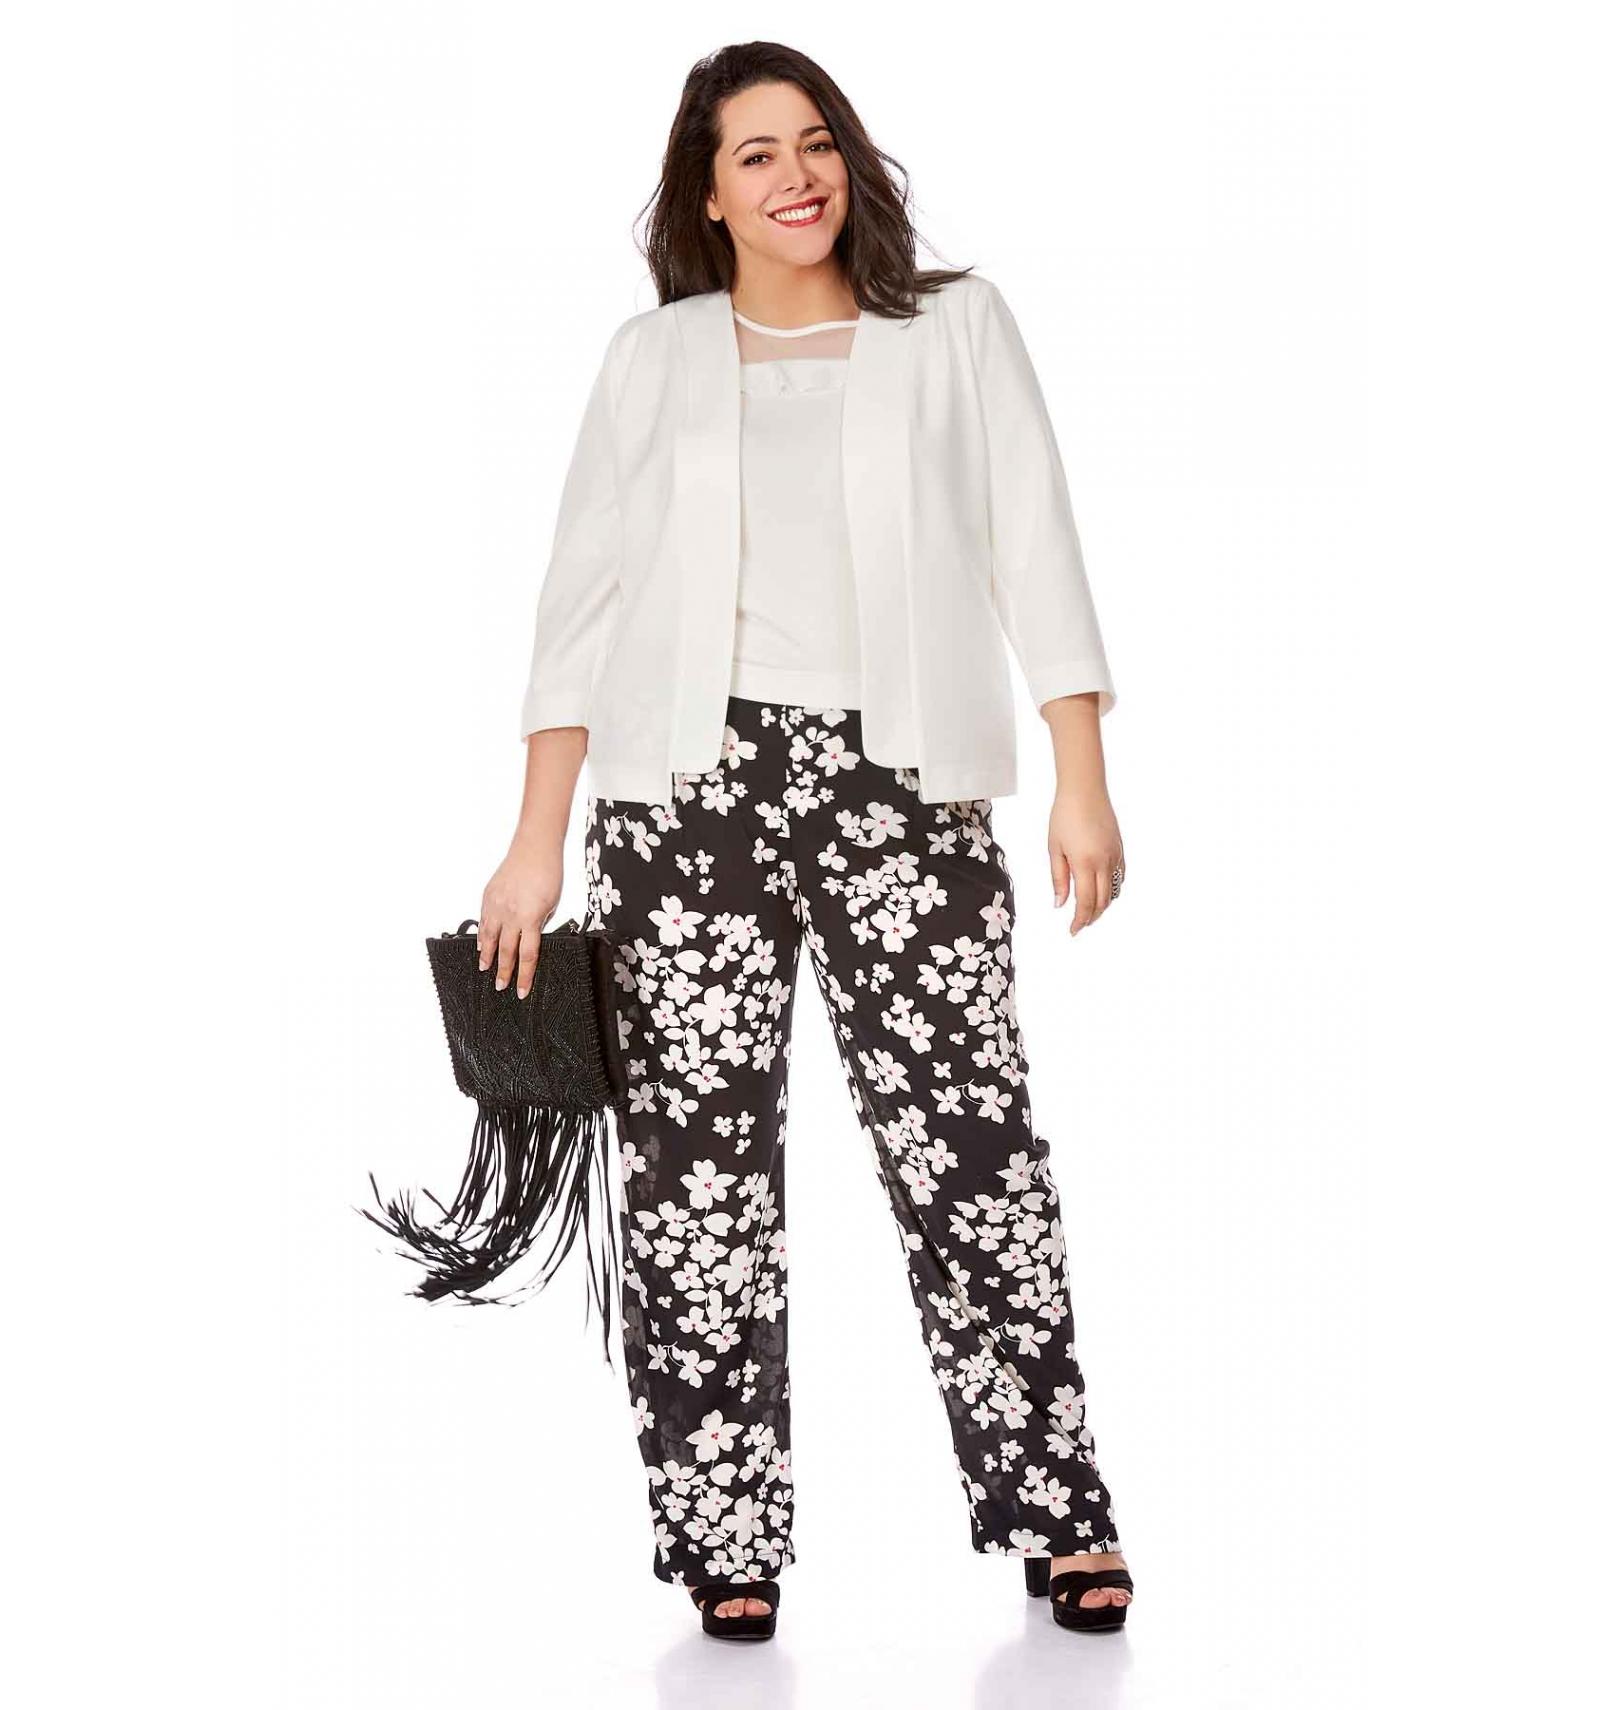 Mode Veste Fitness Et Taille 50 Blanc Femme Vetement xwFg4ZqP